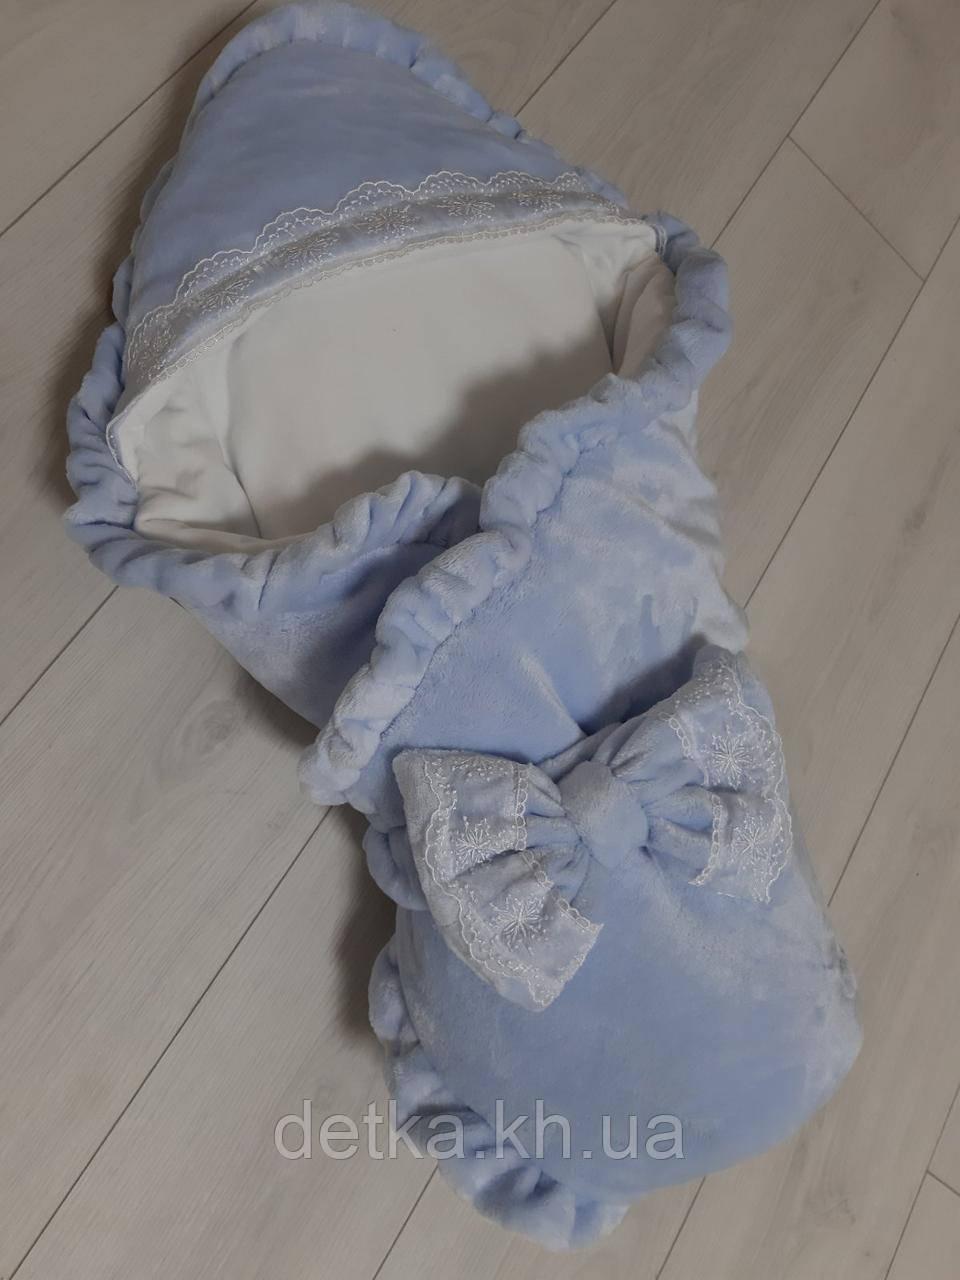 Нарядный конверт, одеяло для новорожденного, осень-зима